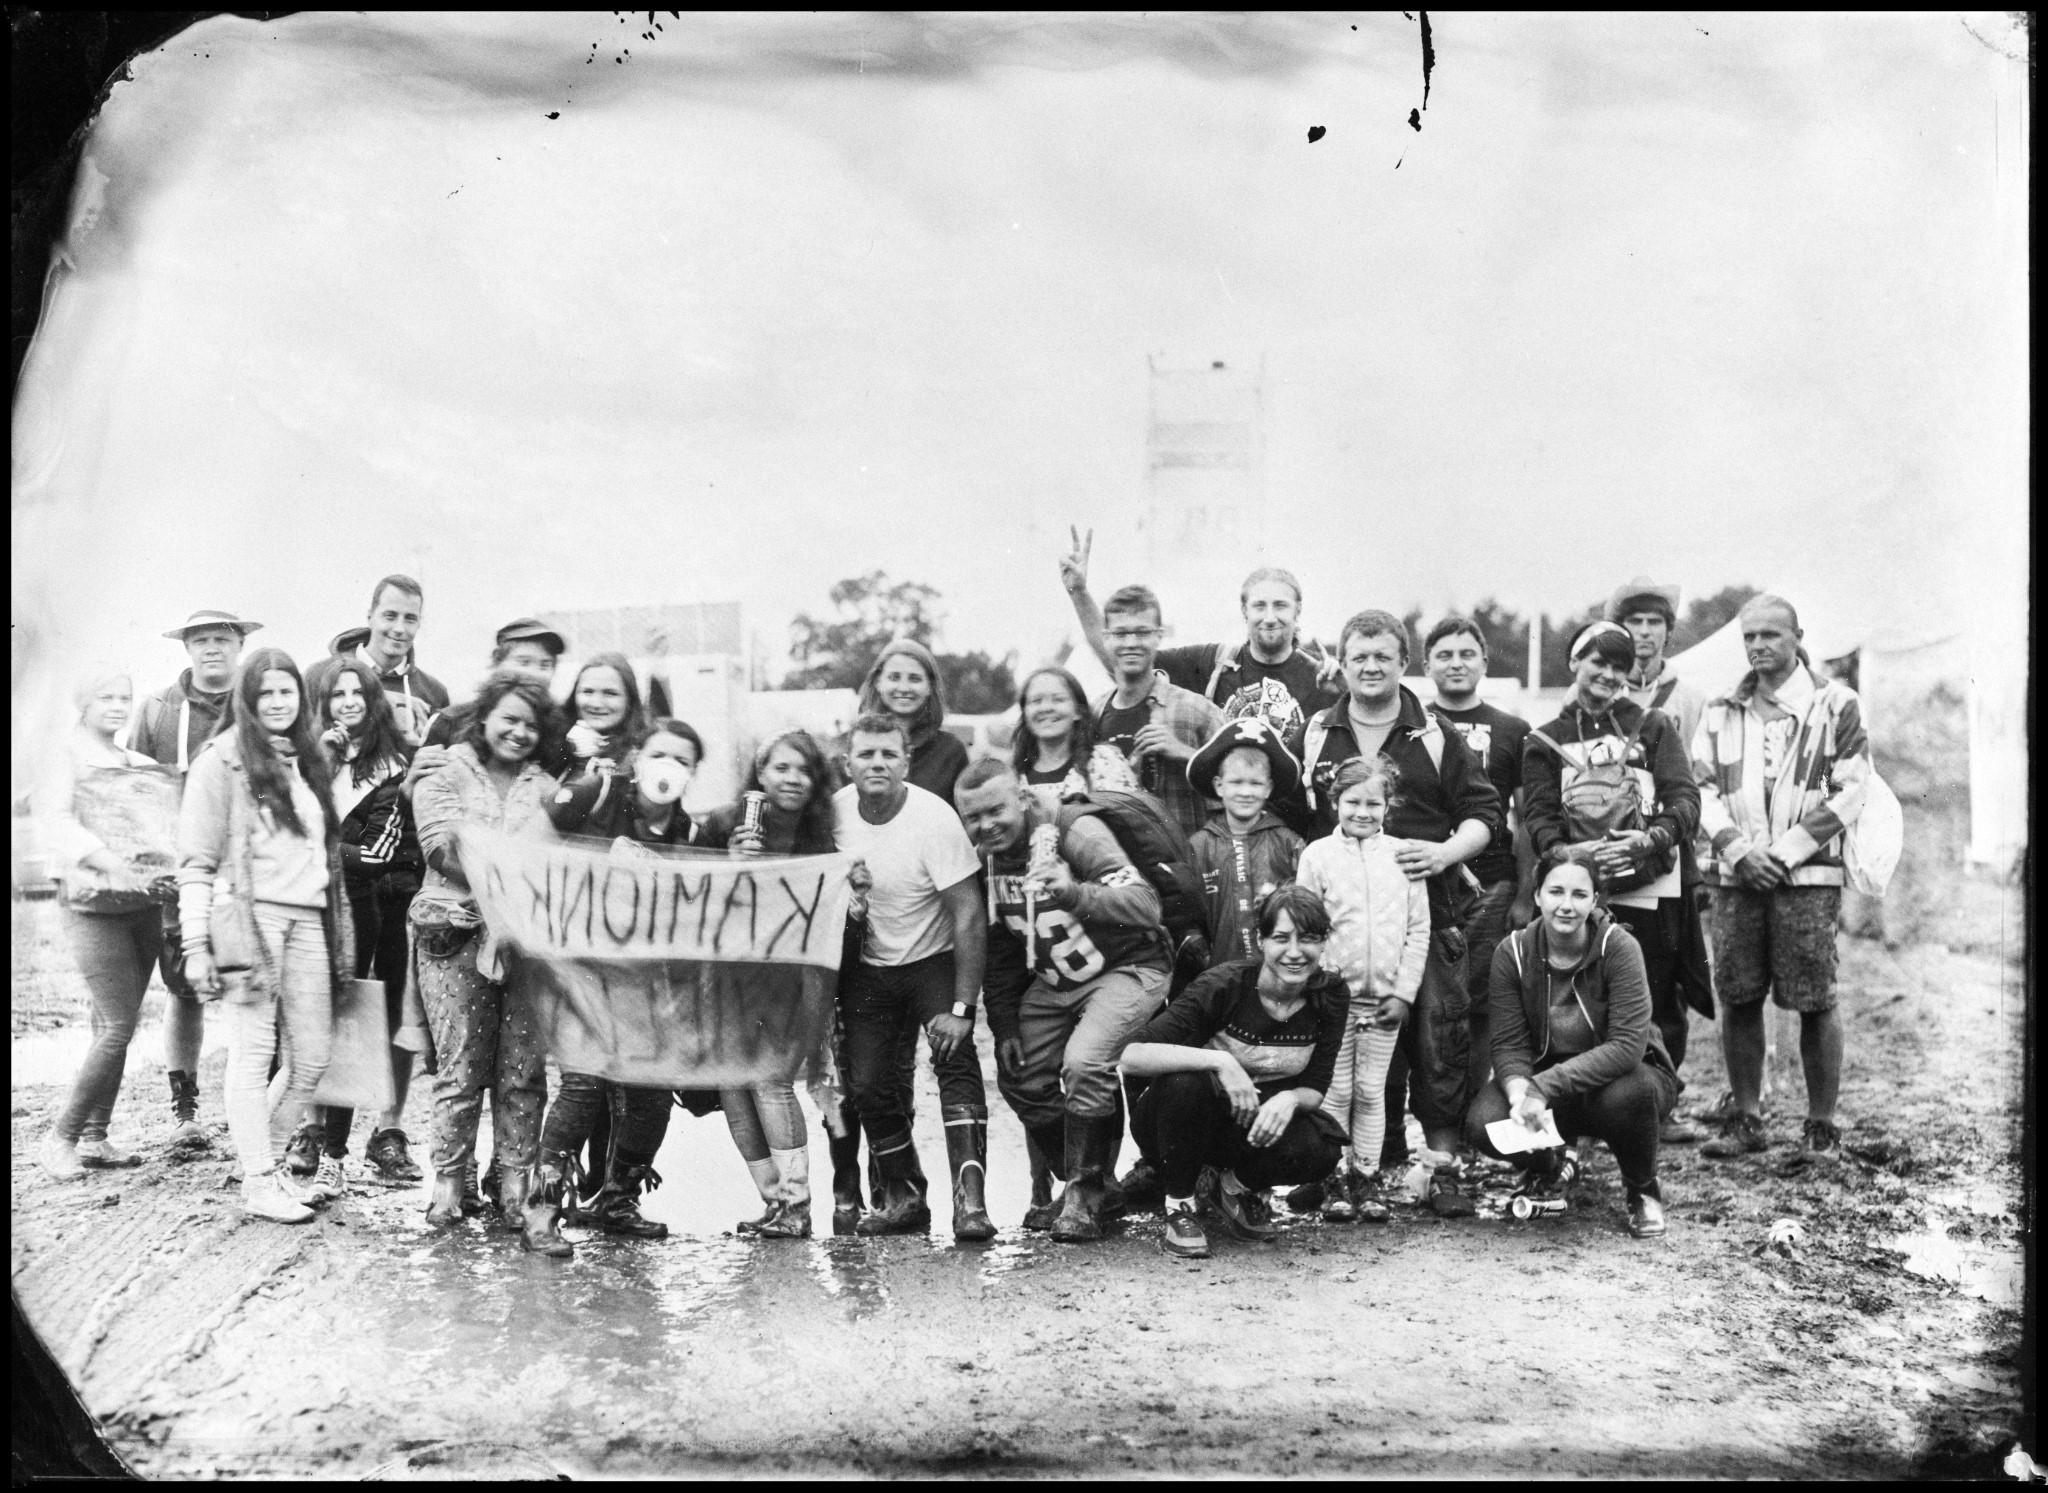 Przystanek Woodstock 2016 - Mokry Kolodion - Street Collodion Art (7)